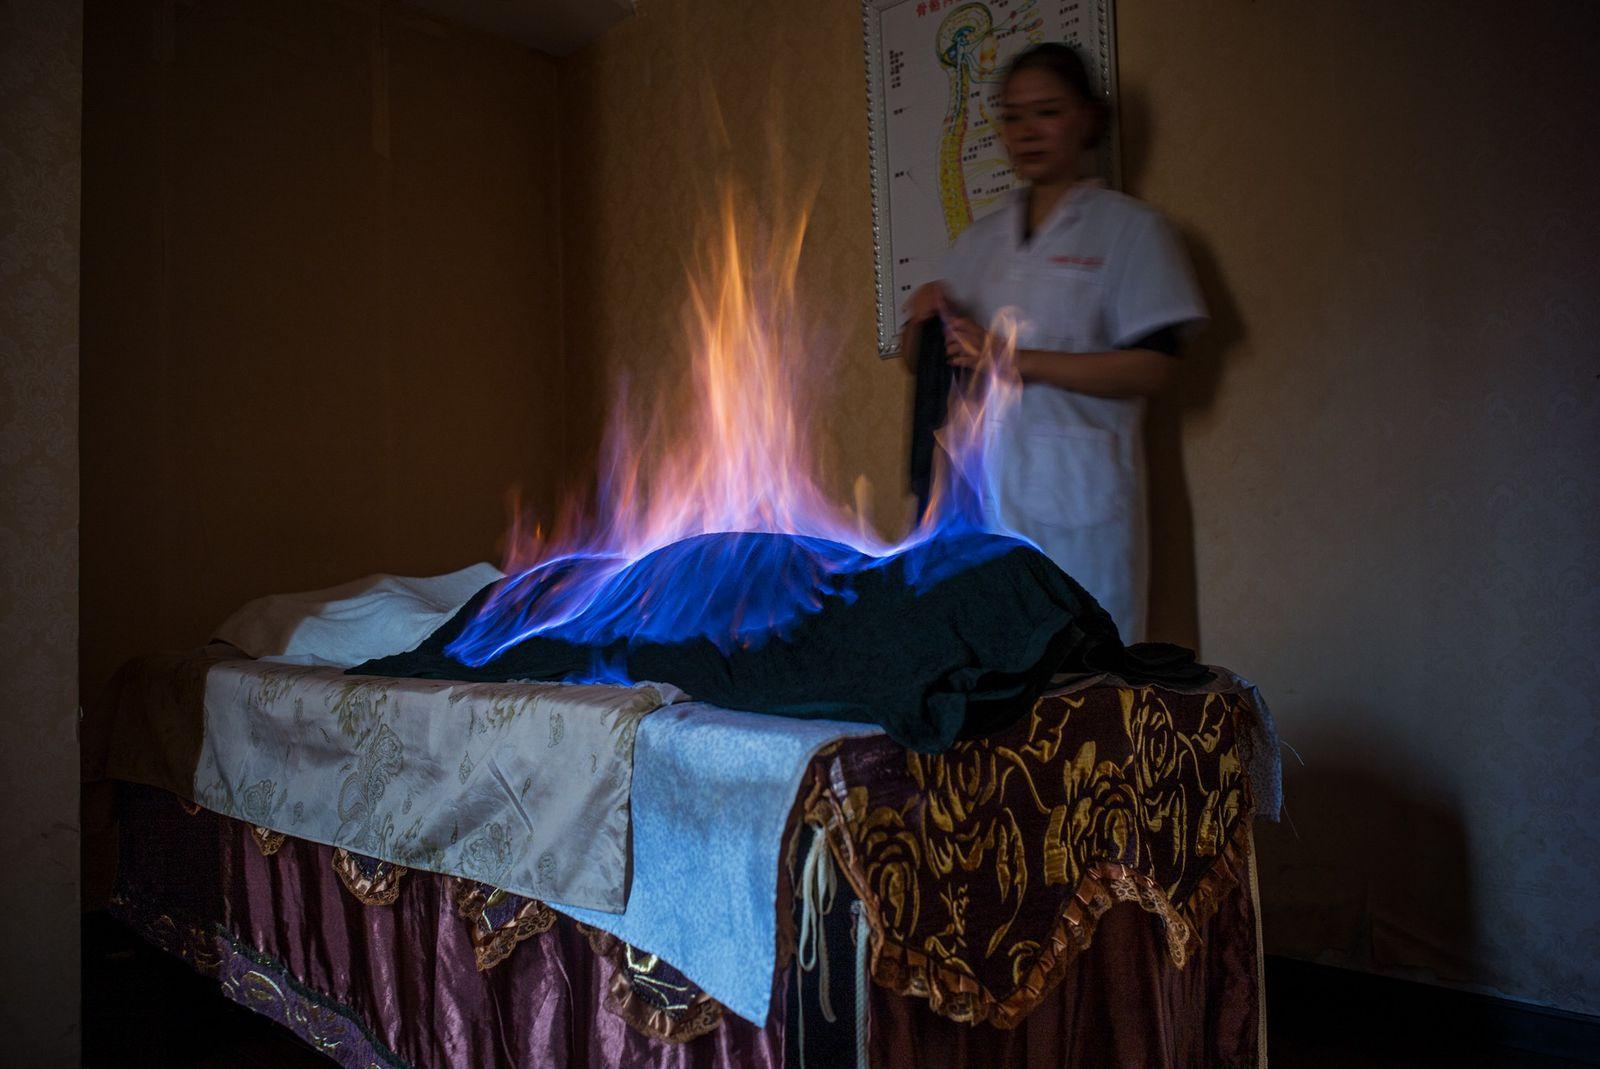 Numa sessão de tratamento com fogo, em Chengdu, na China, um pano embebido em álcool é ...